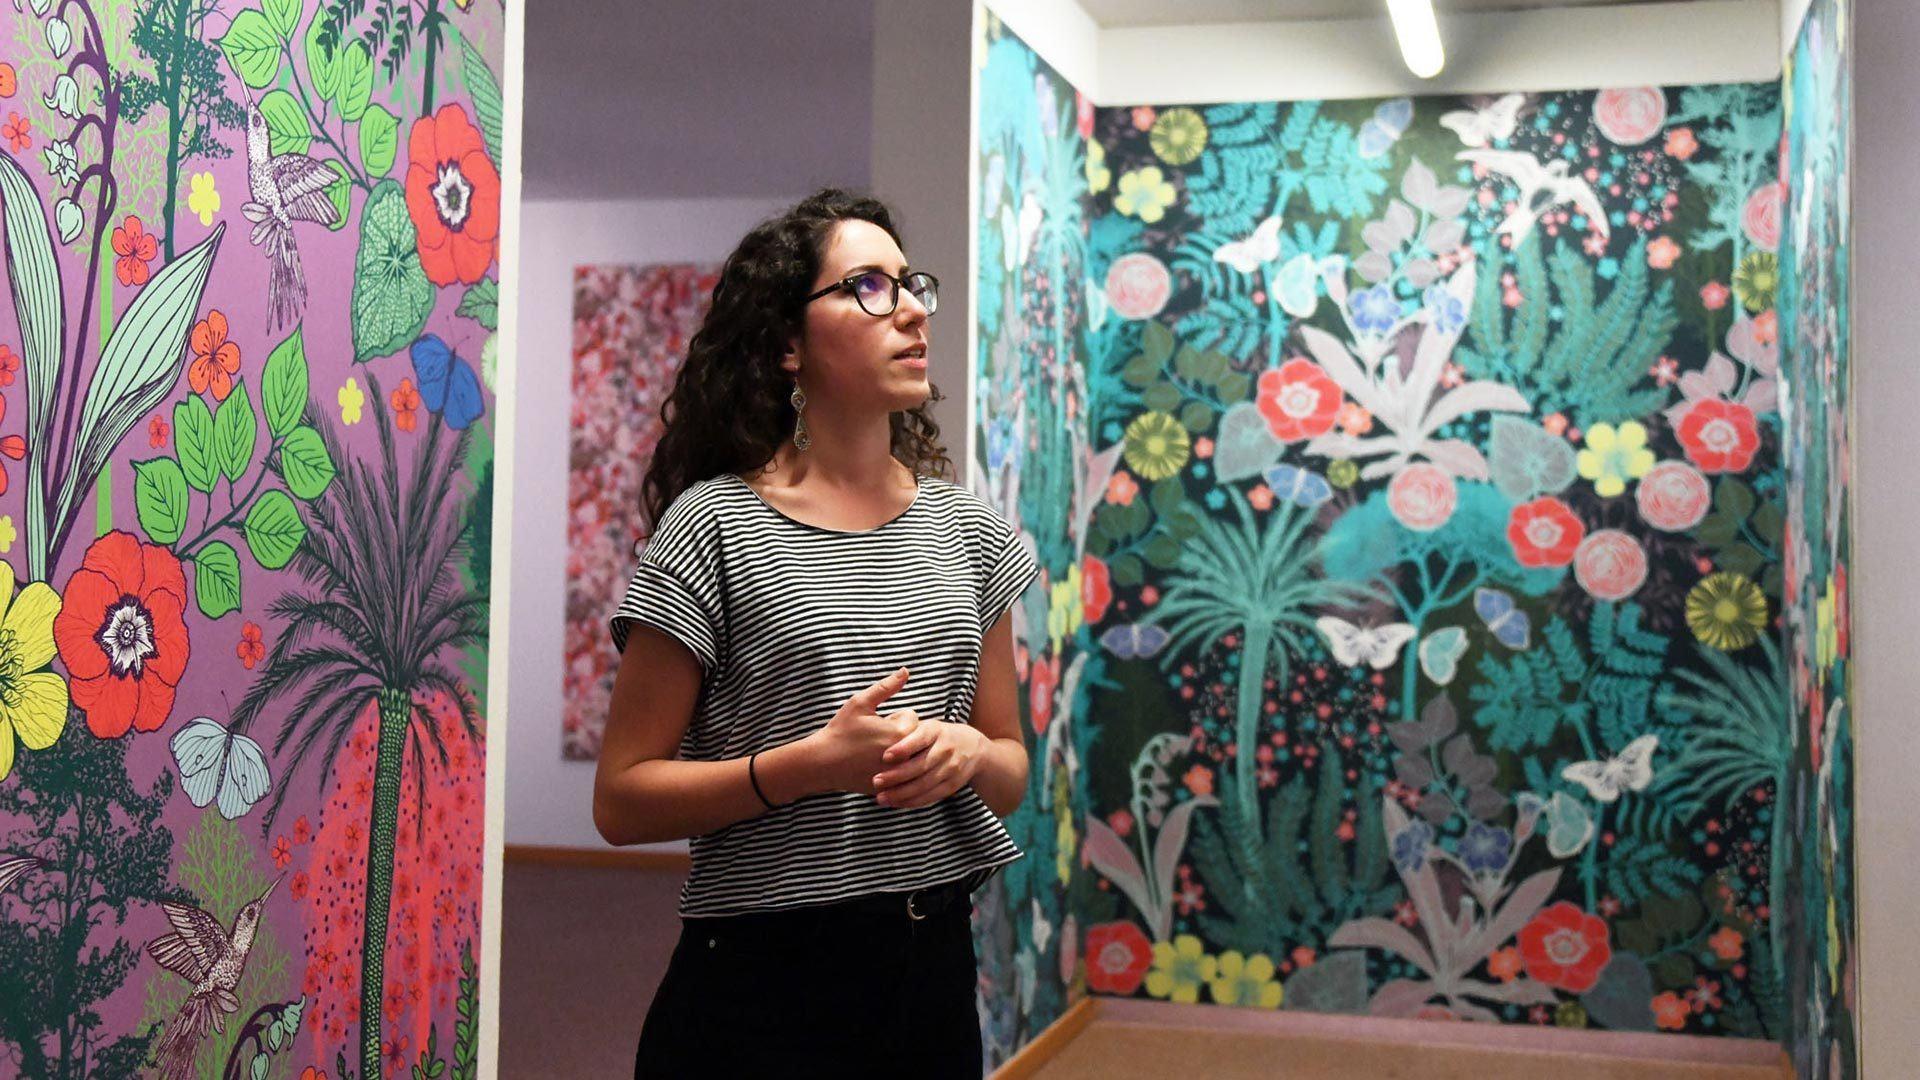 Le Musée du Papier Peint : ouverture le 10 juin © Photo : Catherine-Kohler